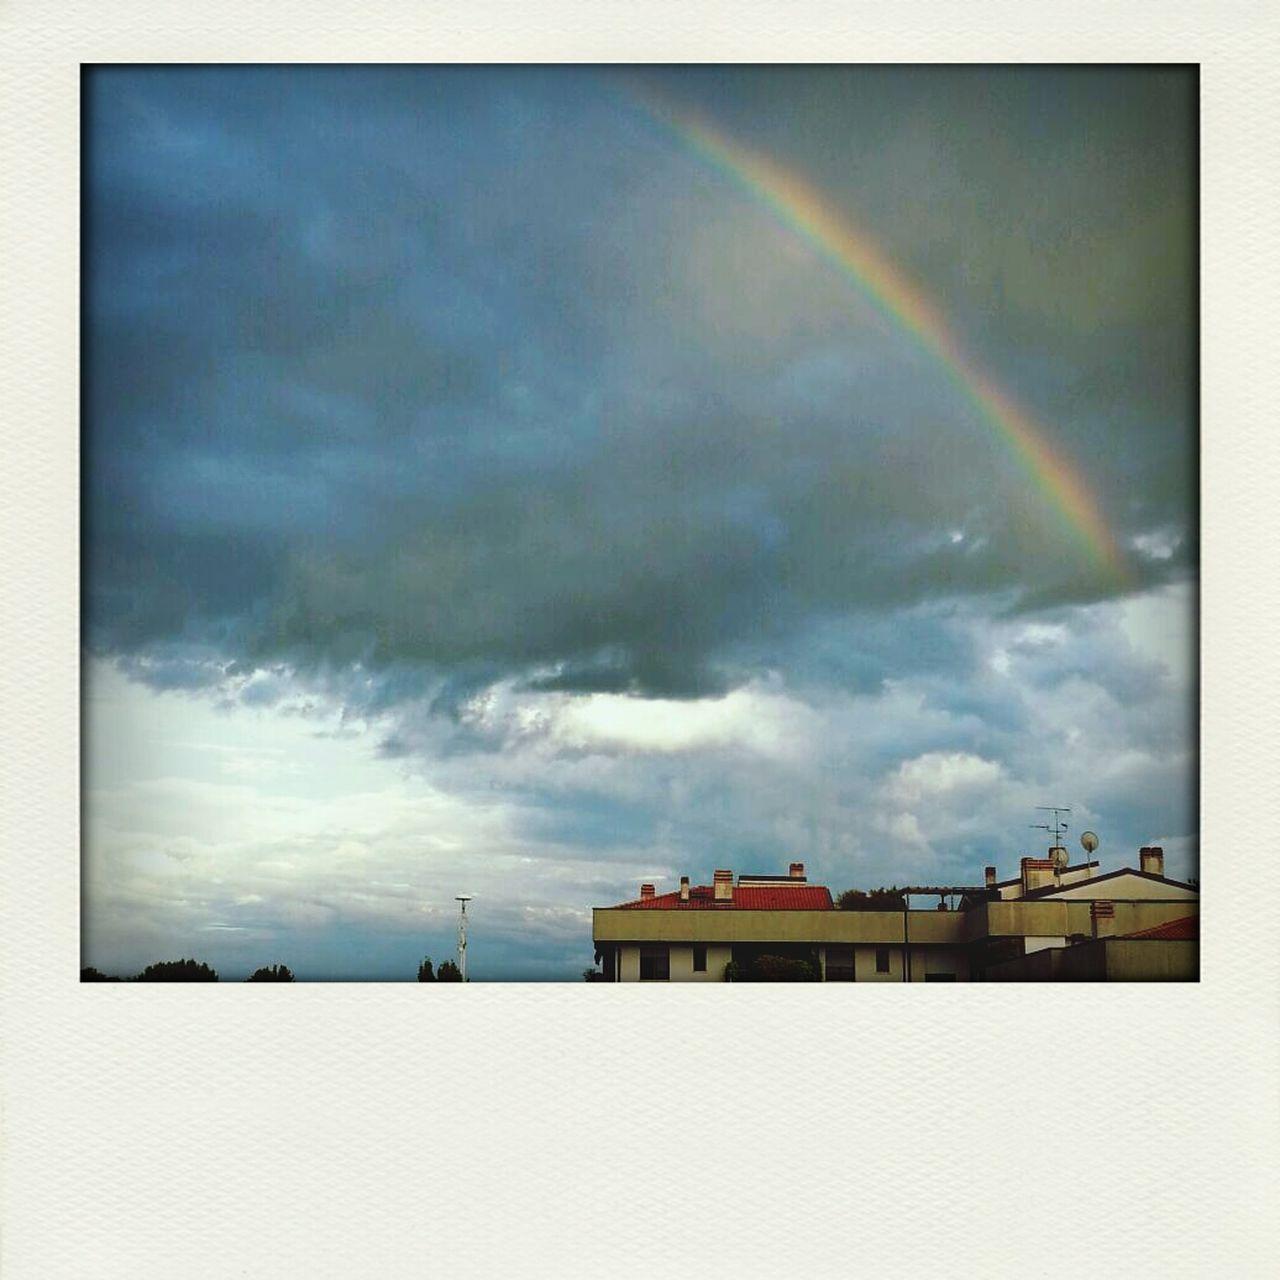 Rainbow Sky With Building